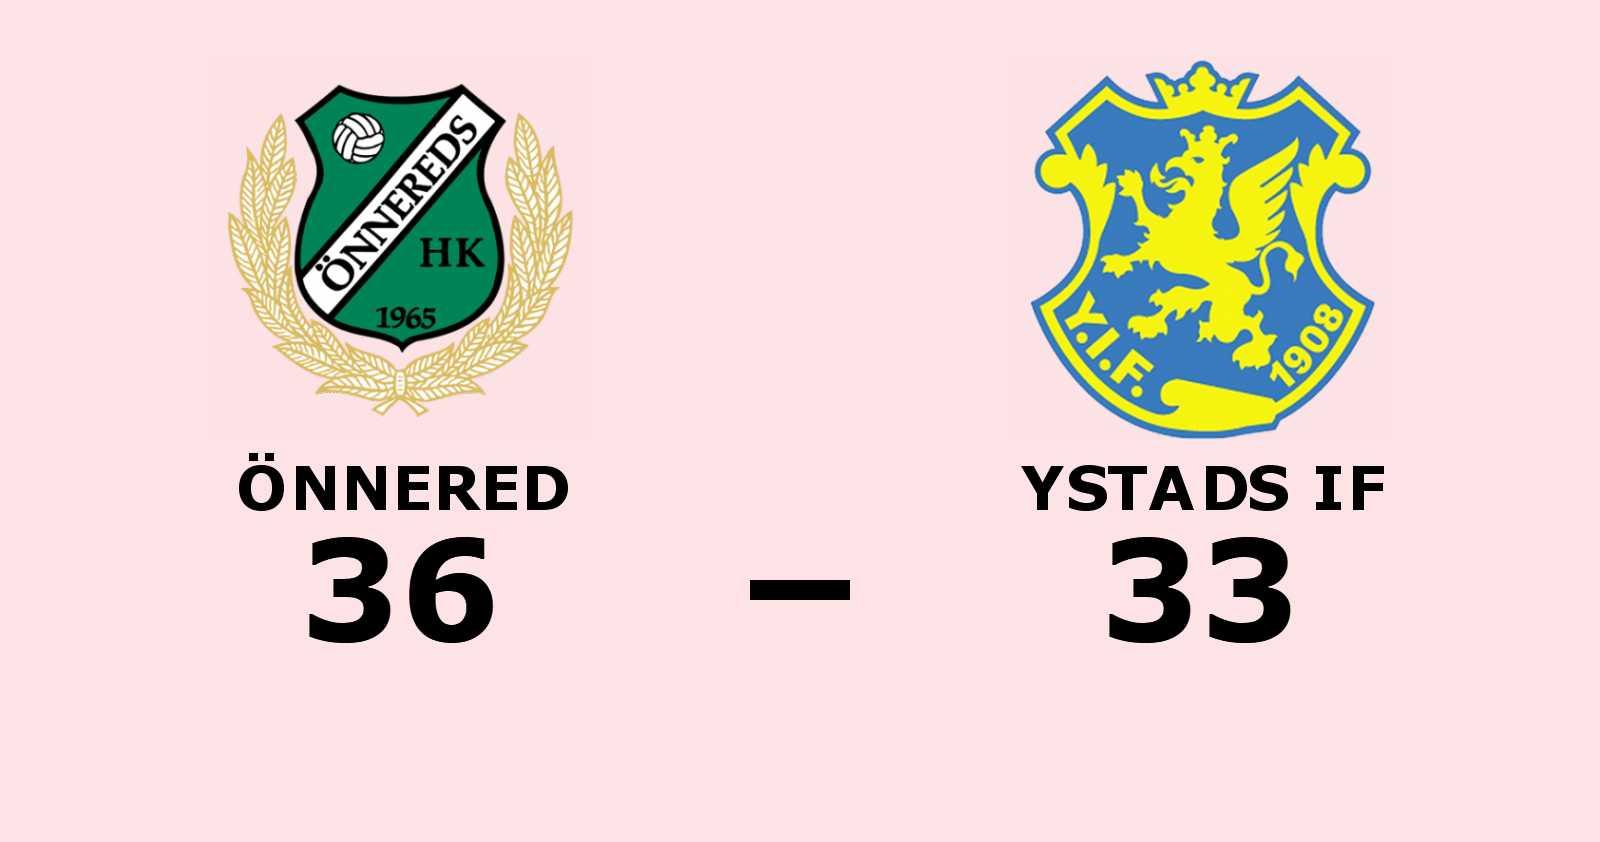 Efterlängtad seger för Önnered – bröt förlustsviten mot Ystads IF